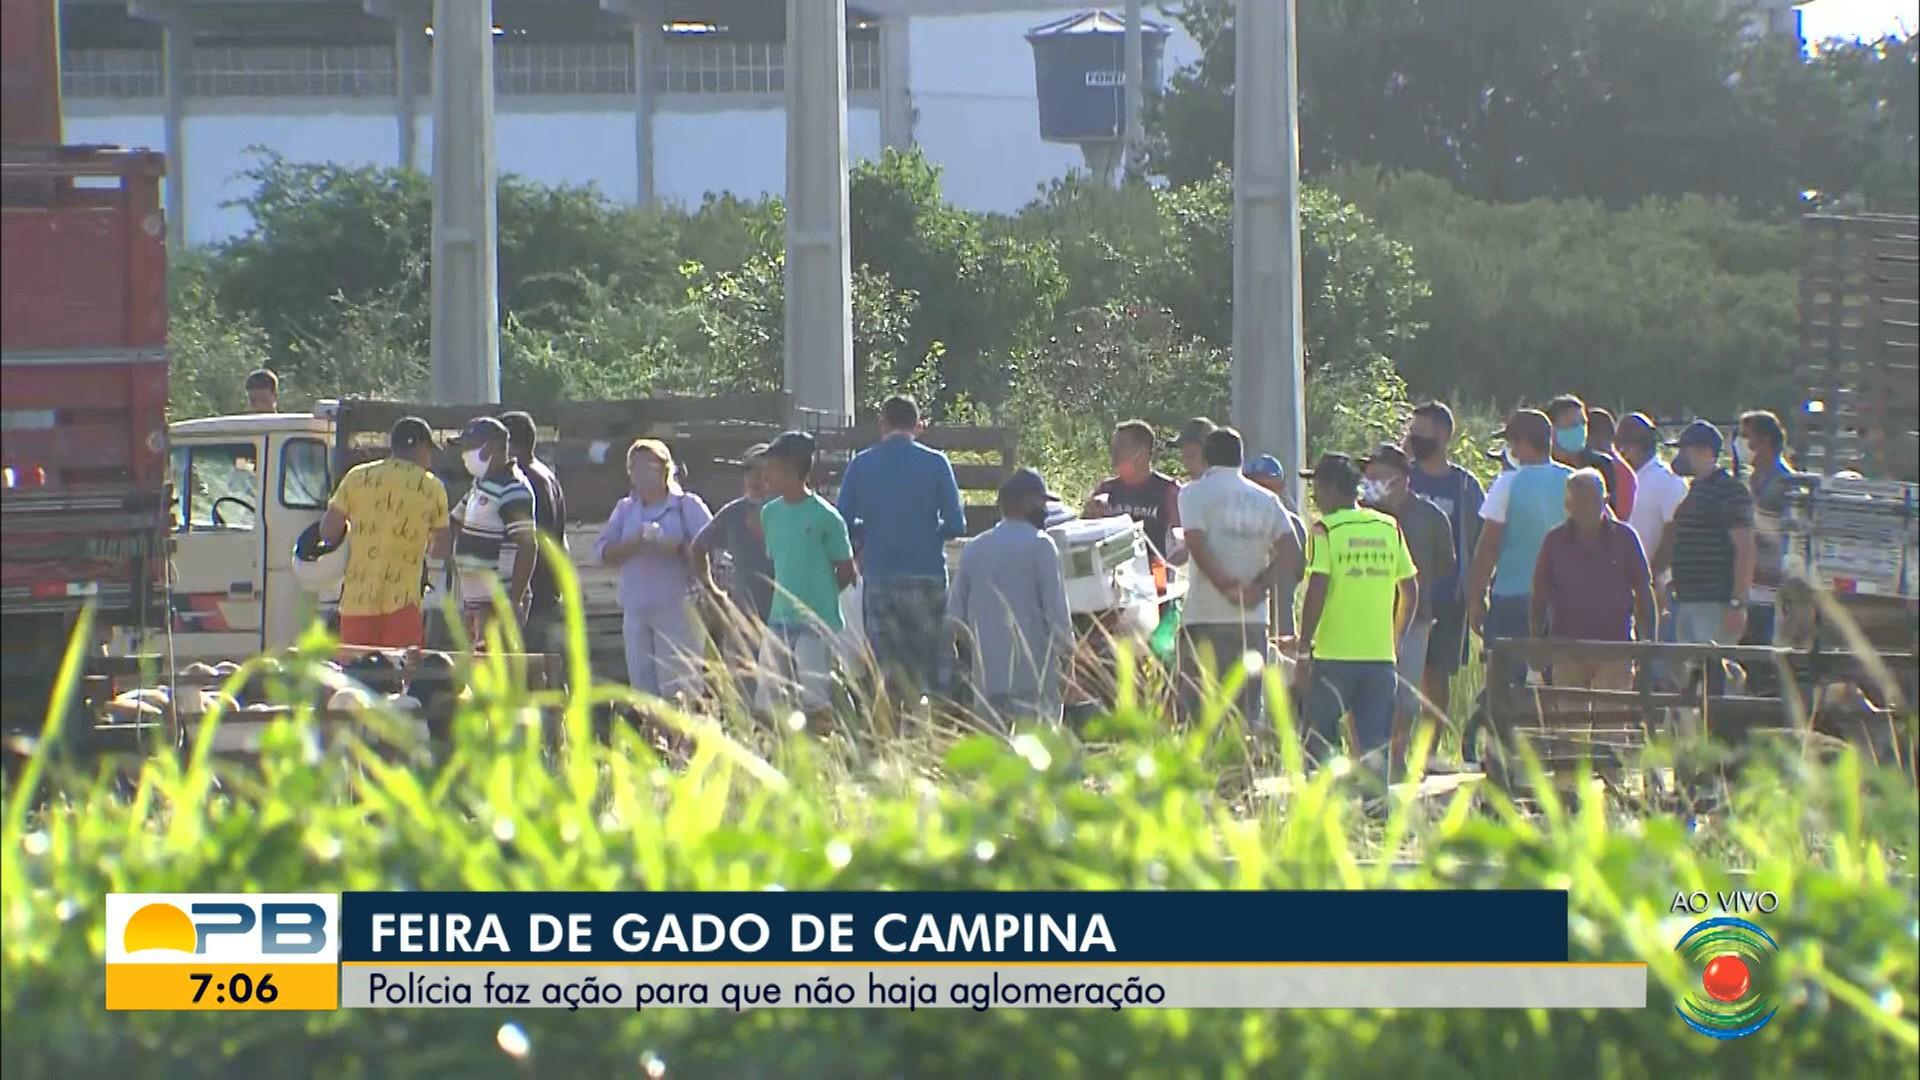 Polícia faz ação para impedir aglomeração na feira de gado, em Campina Grande